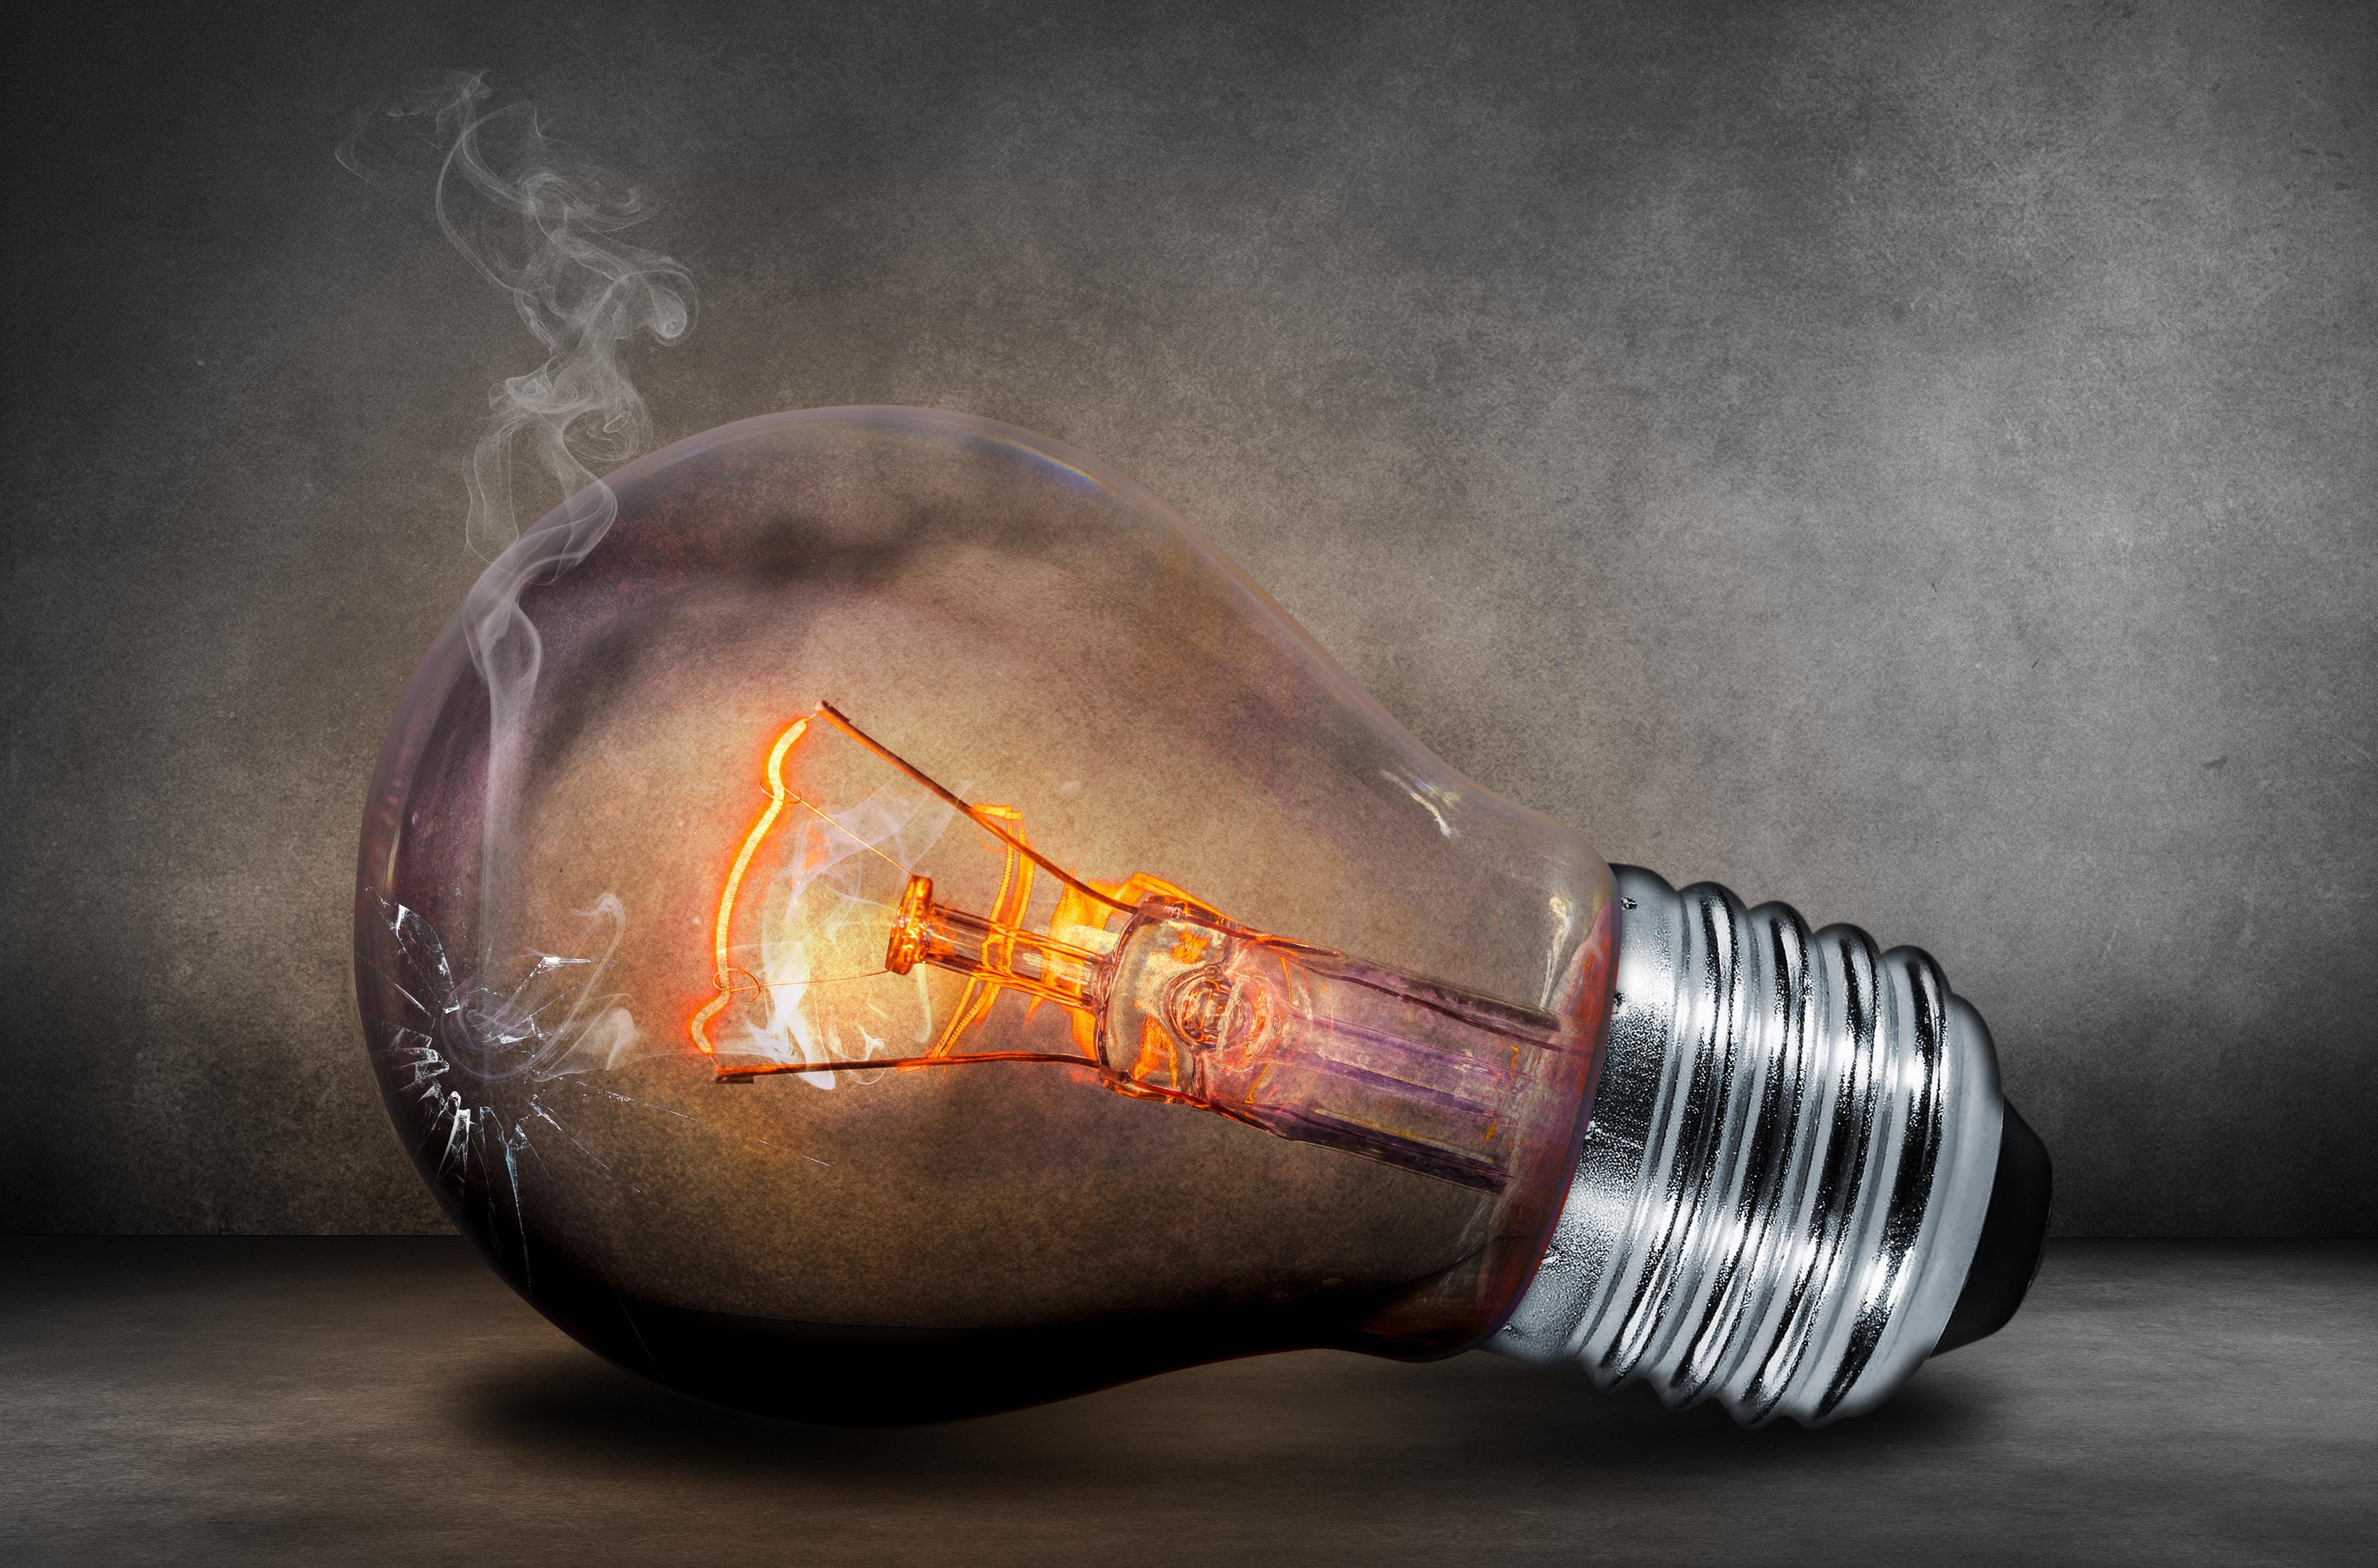 Ontwikkelingen omtrent electriciteit